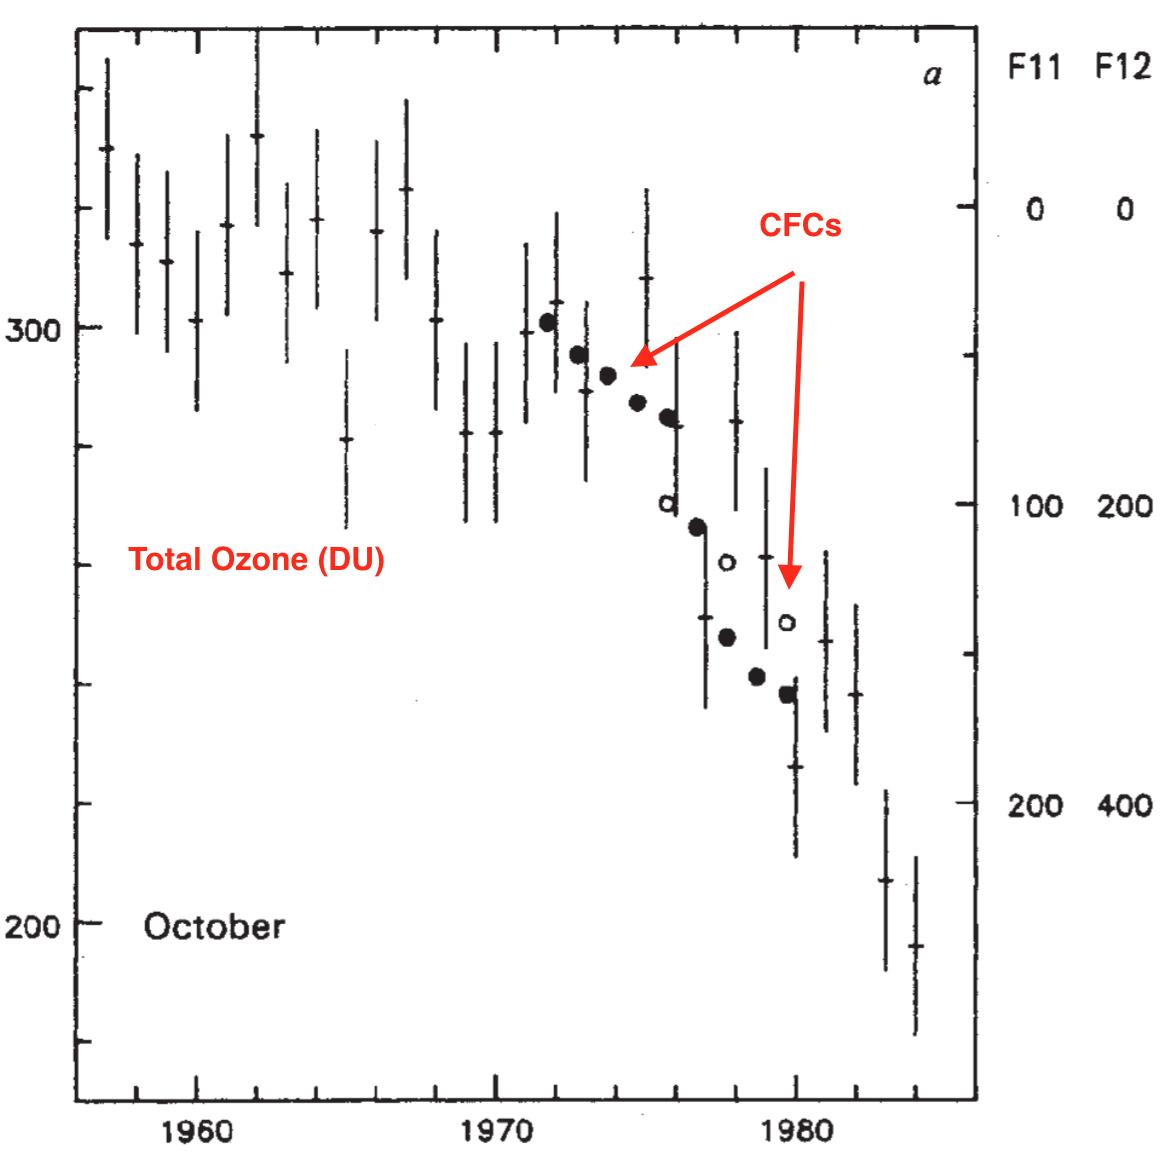 Farman et al 1985 figure showing decreases in ozone to Oct 1983